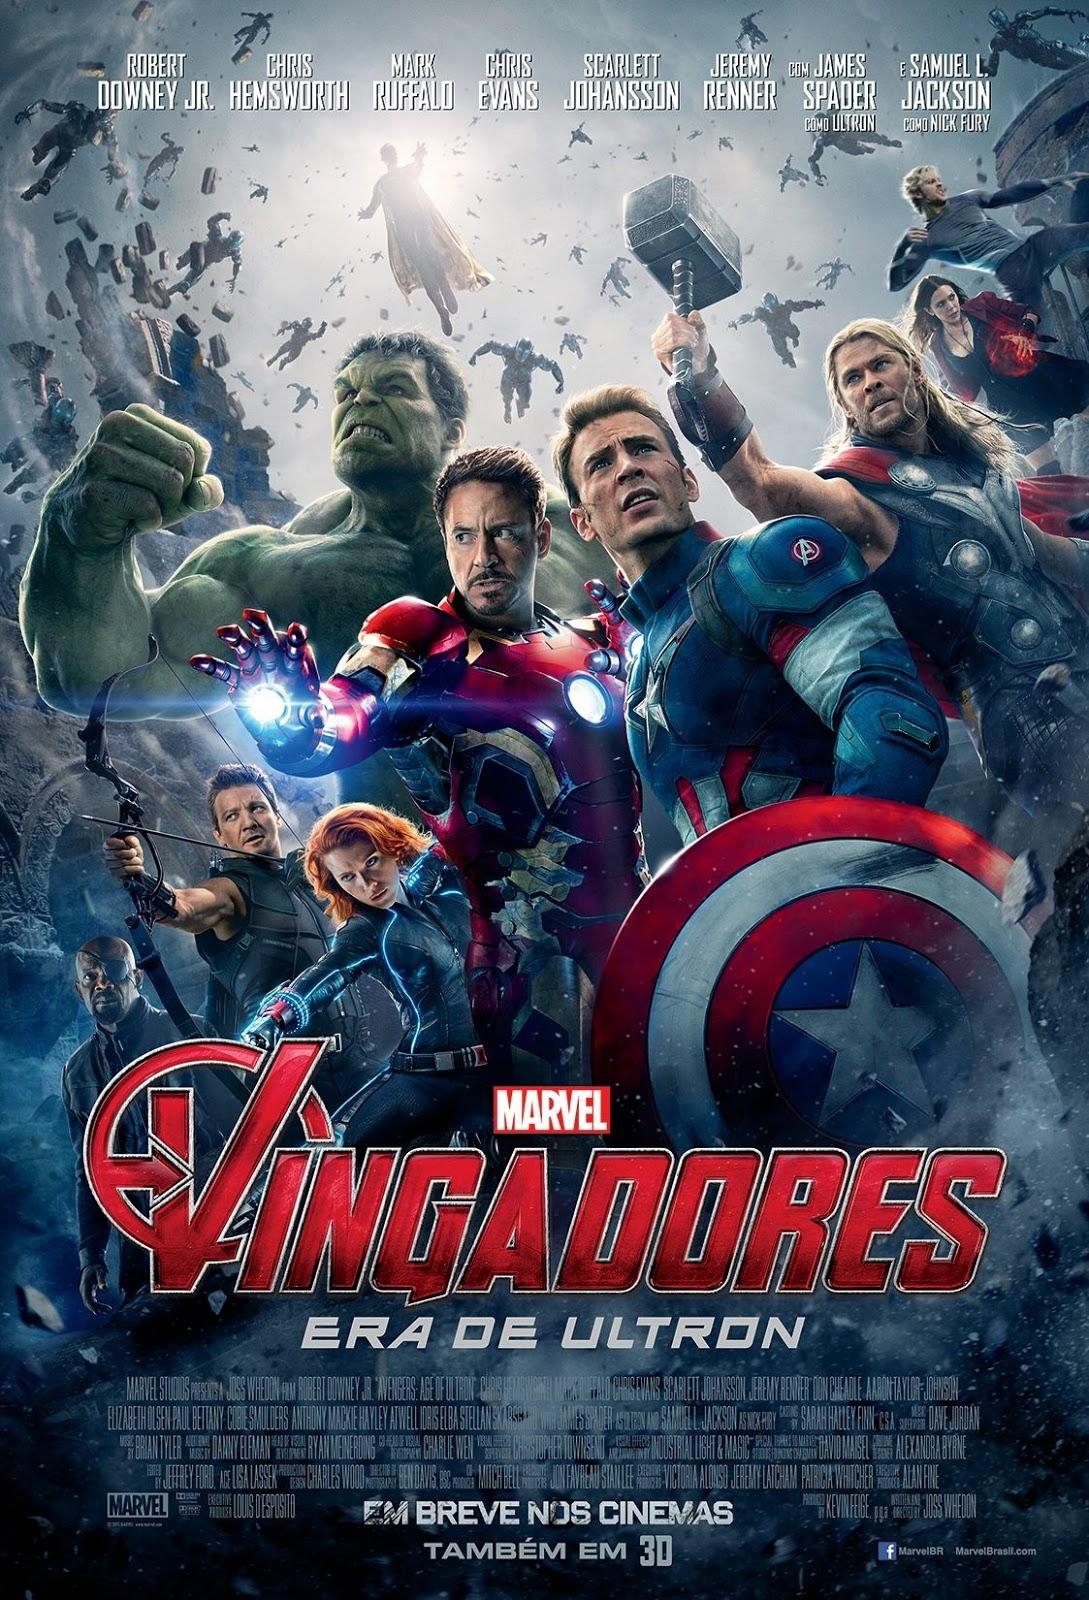 Download Os Vingadores: Era de Ultron - Dublado MP4 720p / 480p BDRip MEGA